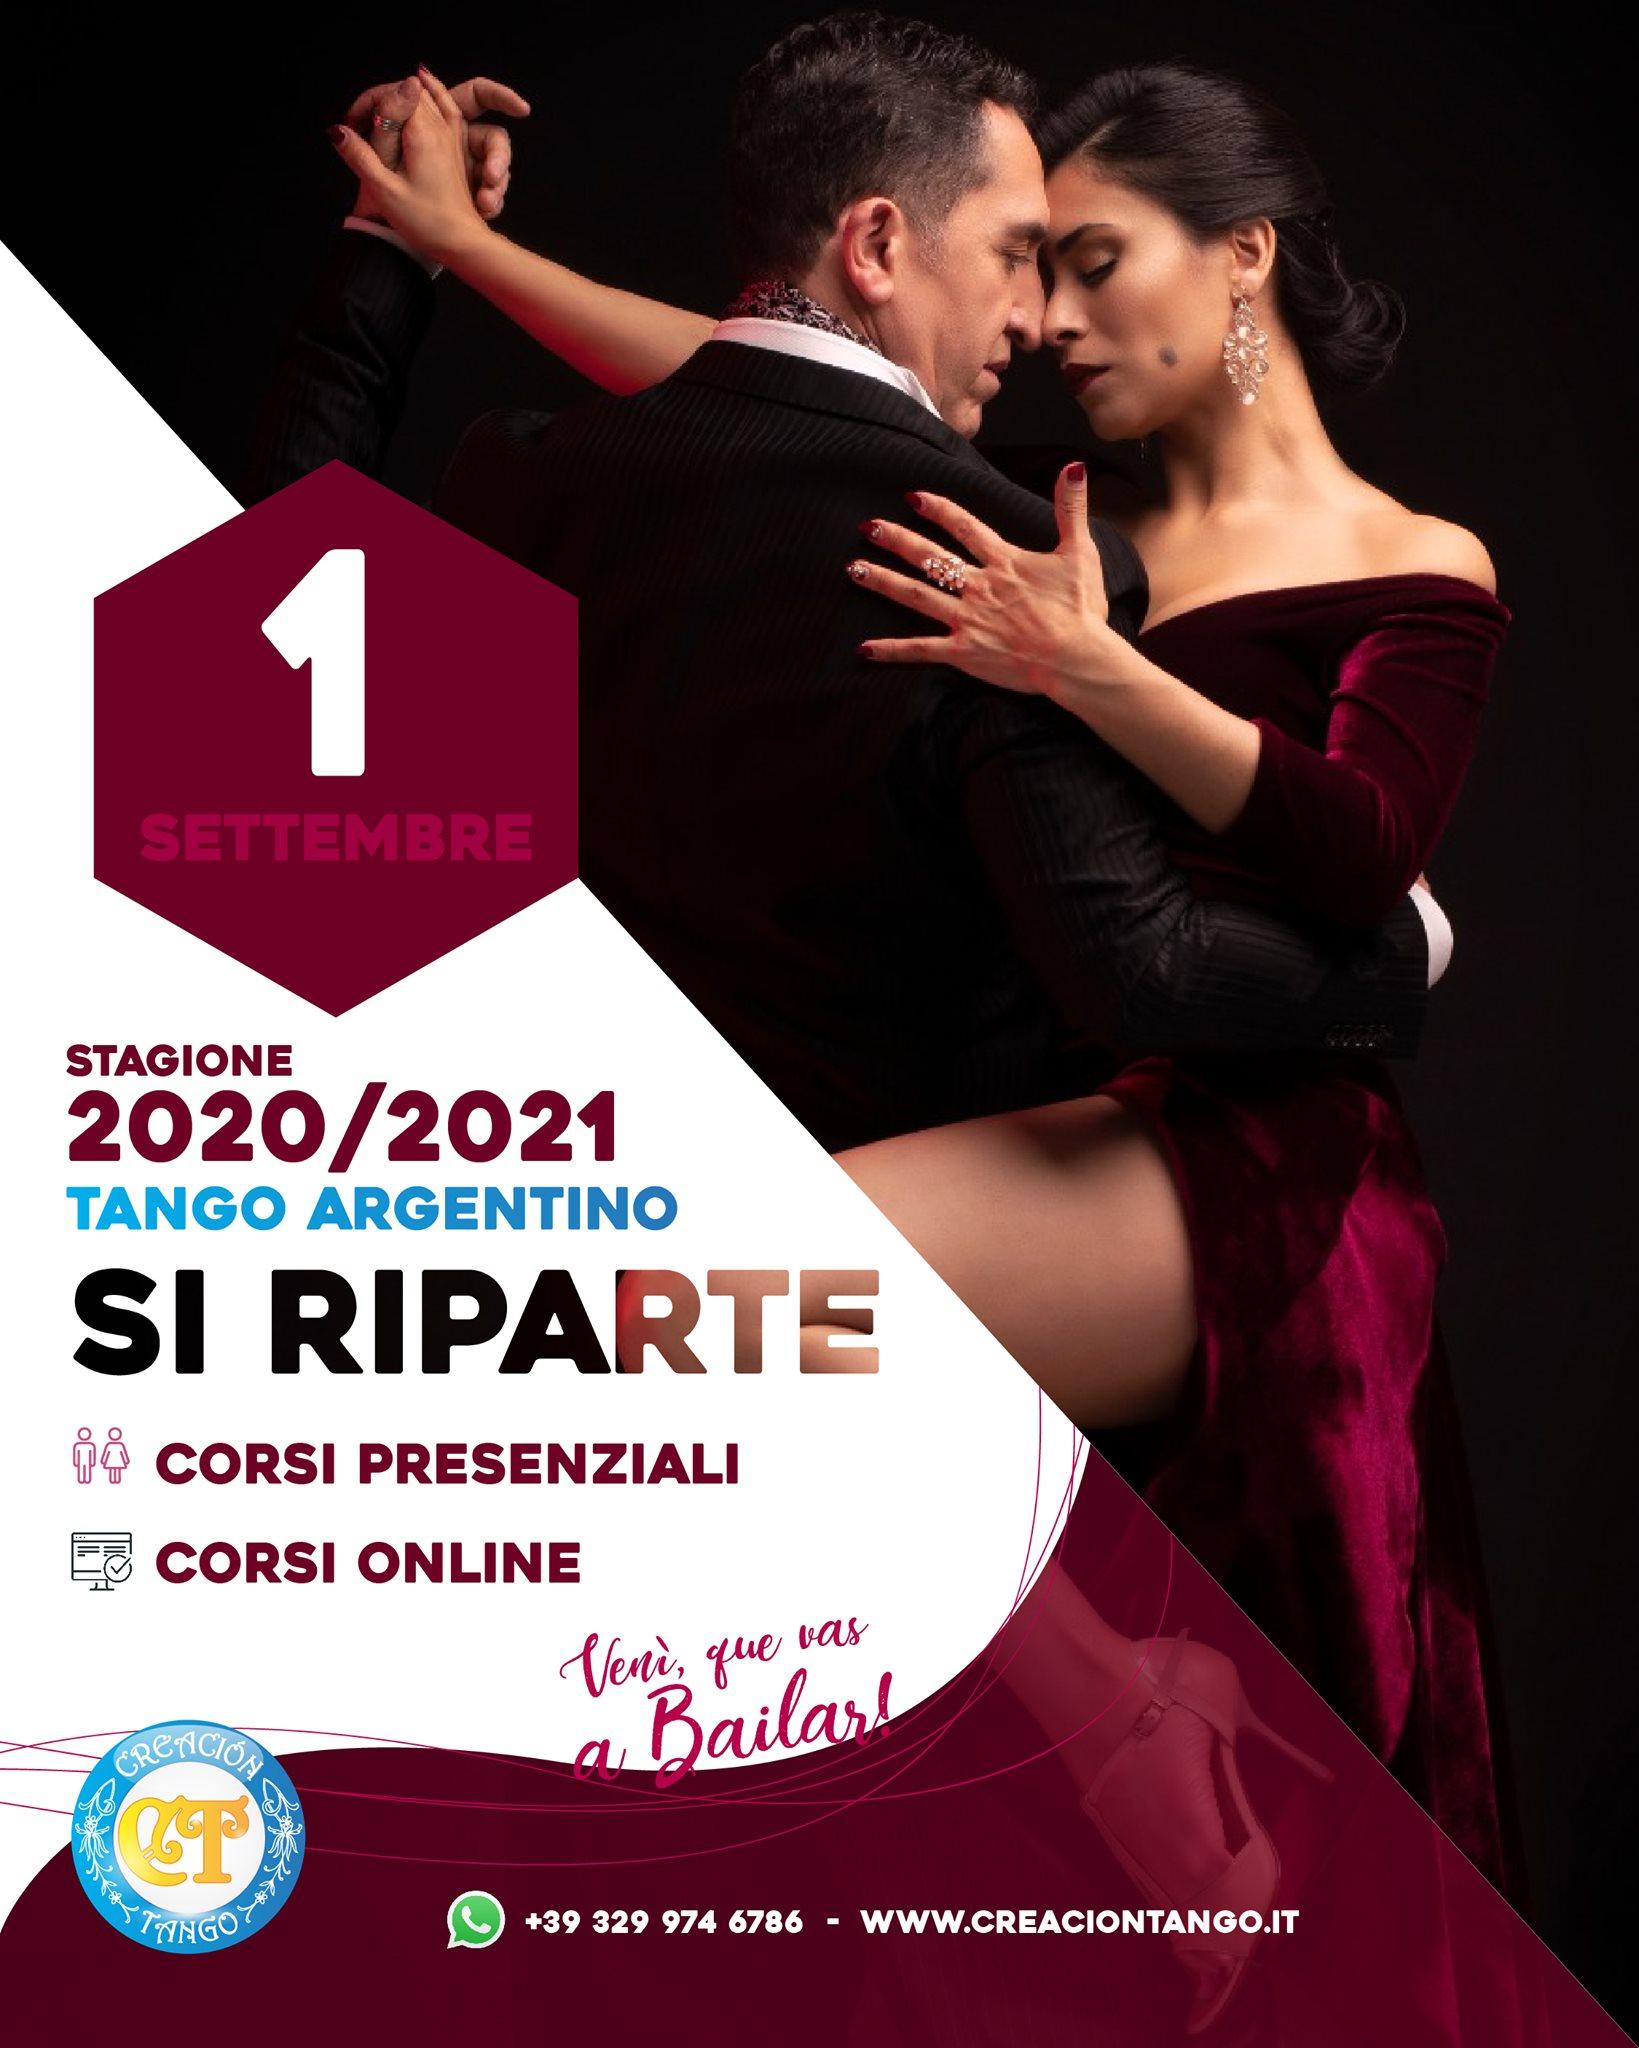 Inizio Nuova Stagione di Tango Argentino